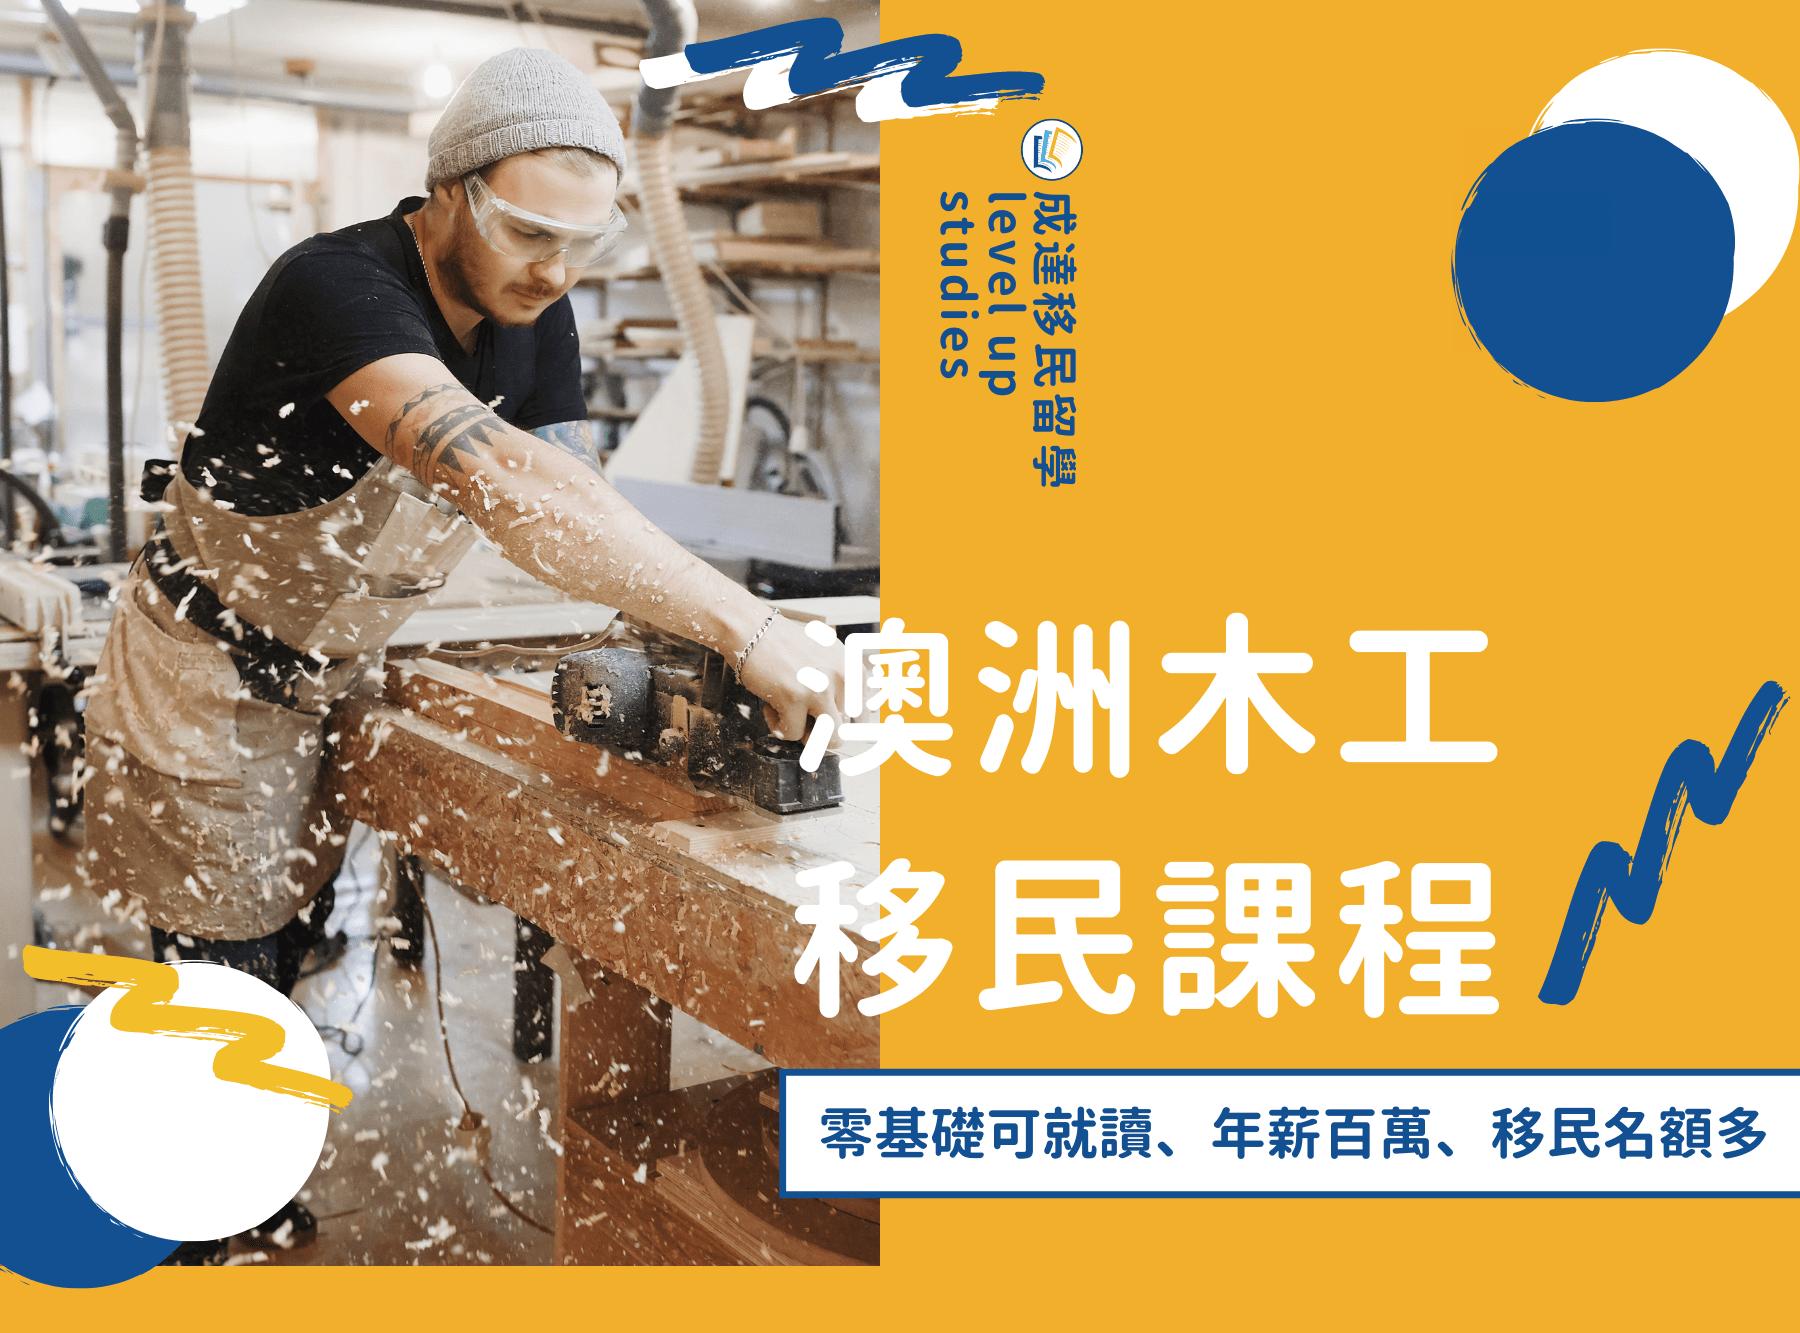 木工-技術移民-移民澳洲